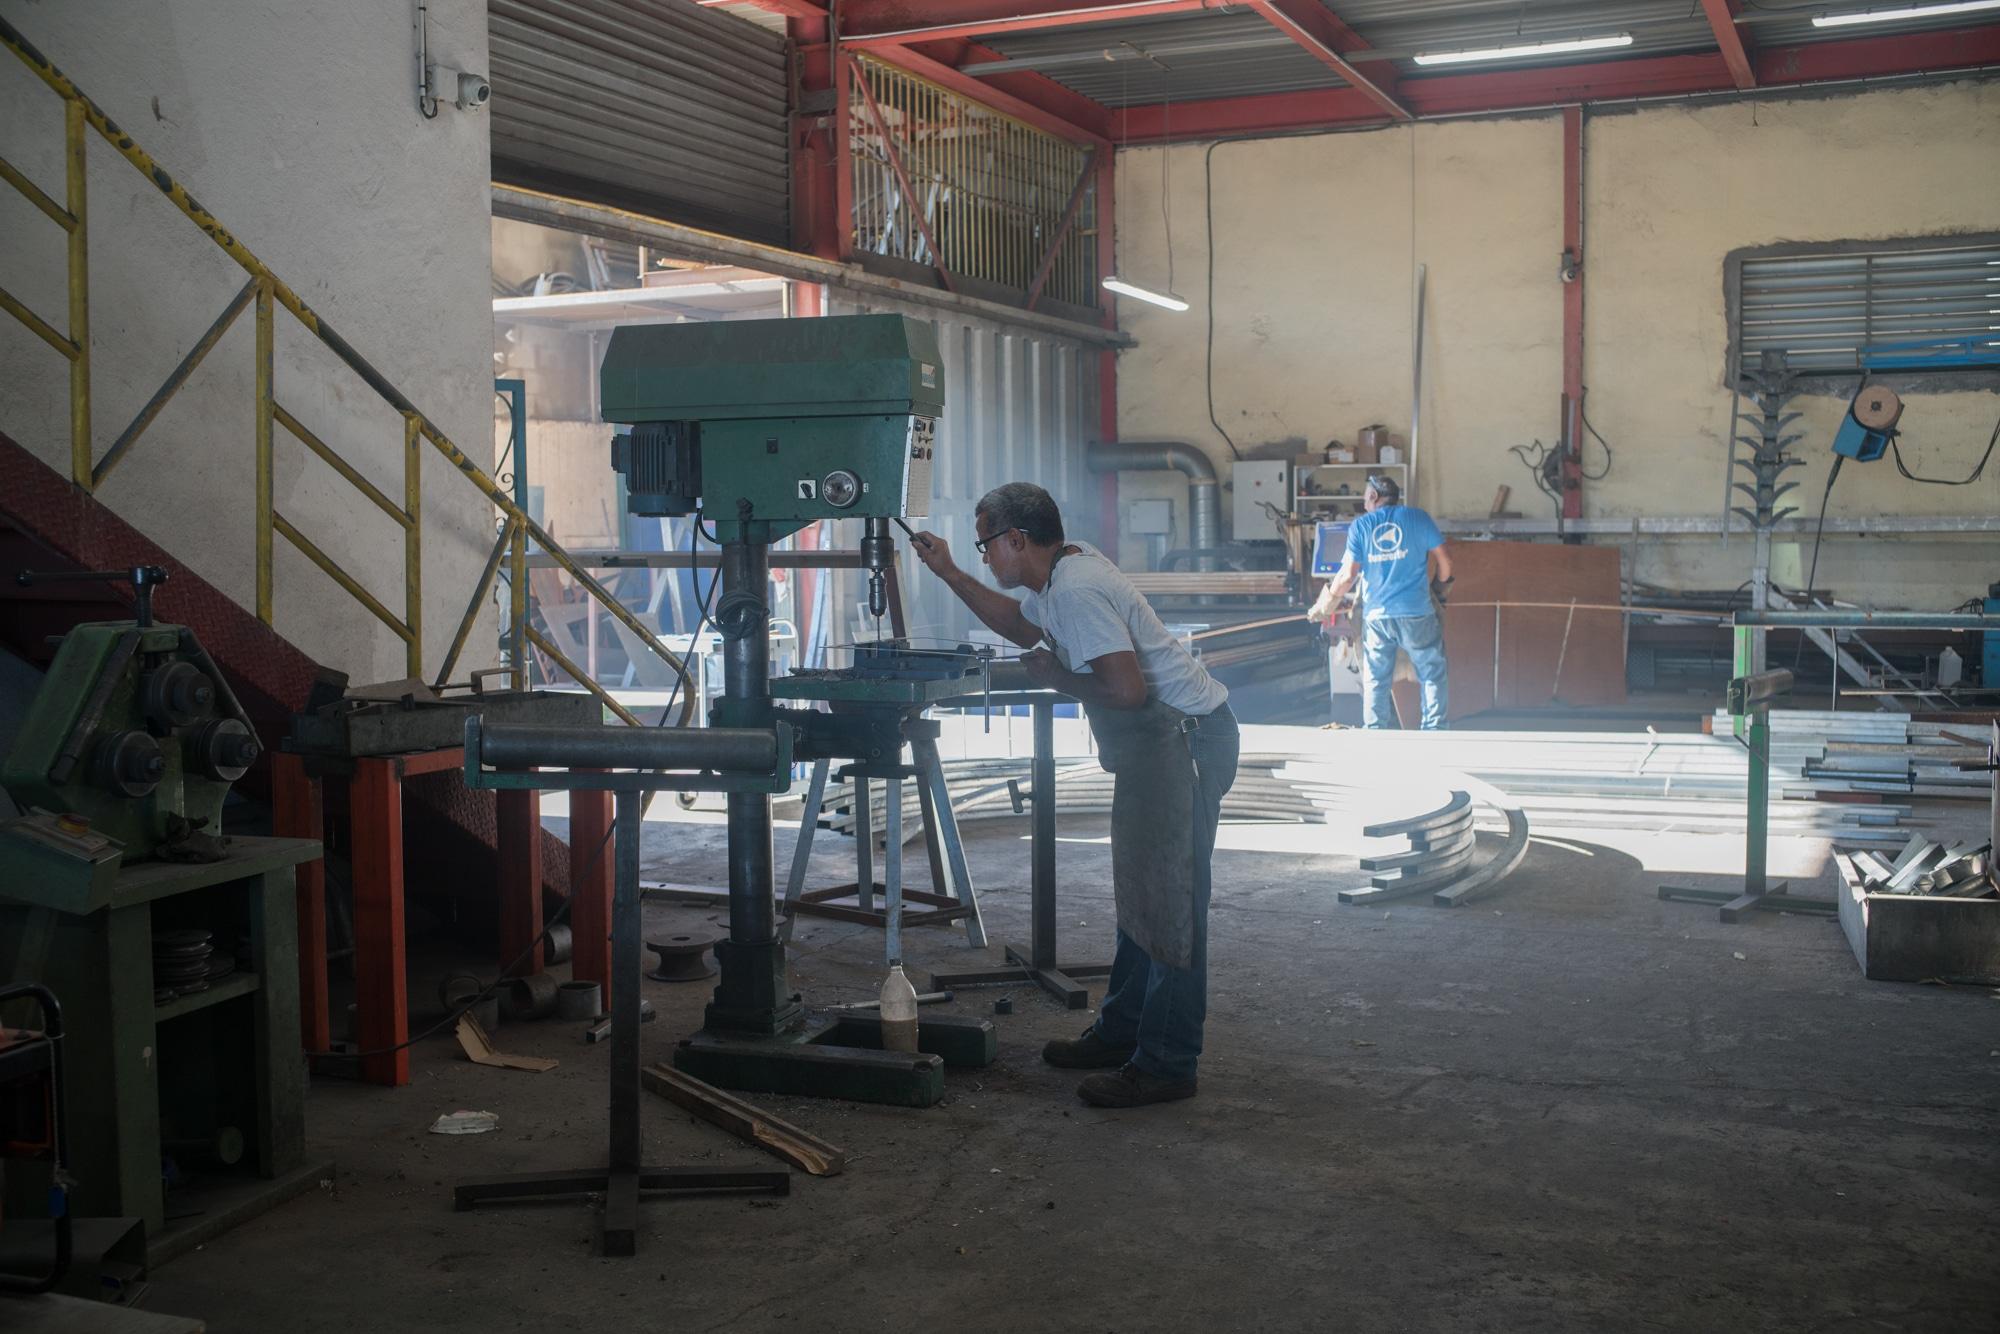 Jean-Claude perce un cadre métallique à l'aide d'une perceuse à colonne. Autour de lui on aperçoit un vaste atelier.